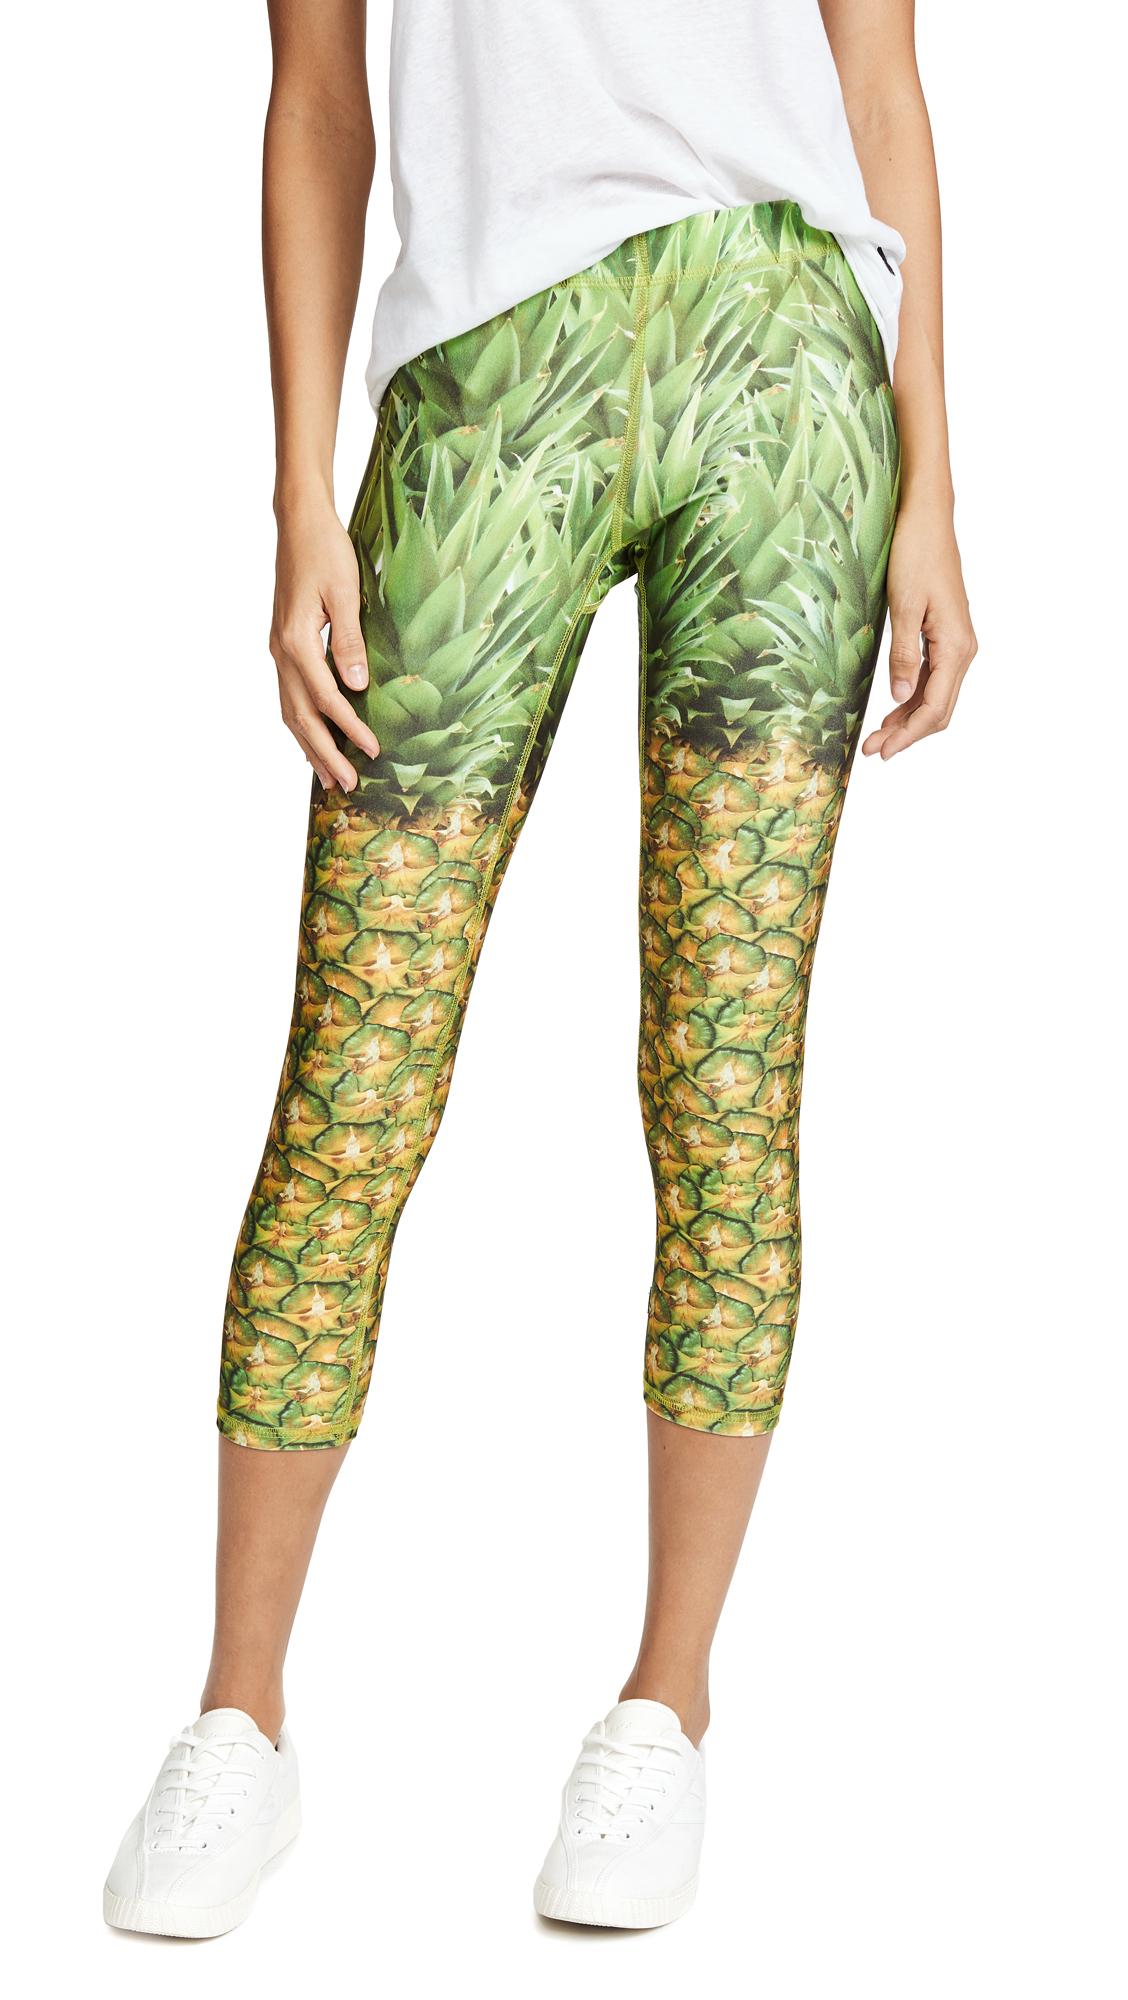 Terez Performance Capri Leggings In Natural Pineapple